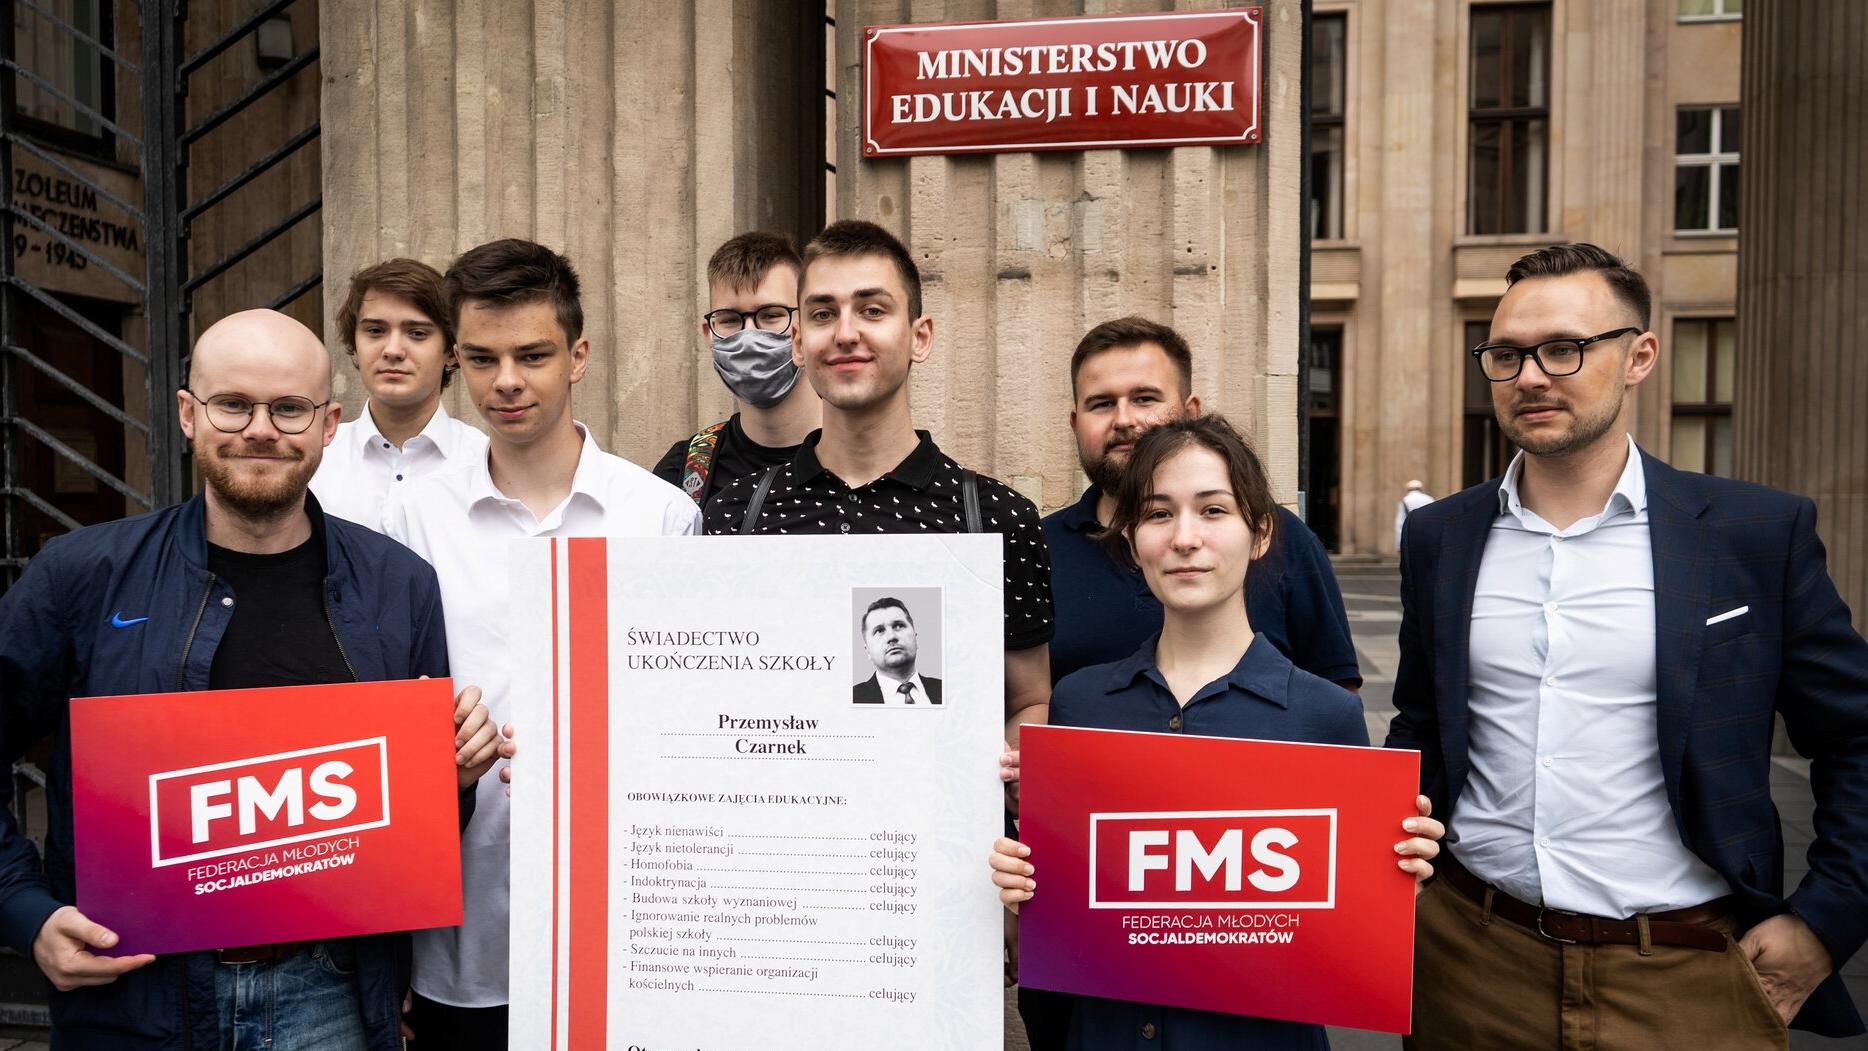 [SONDAŻ] Młodzi Polacy mają większe poczucie wpływu na sprawy kraju, niż dorośli